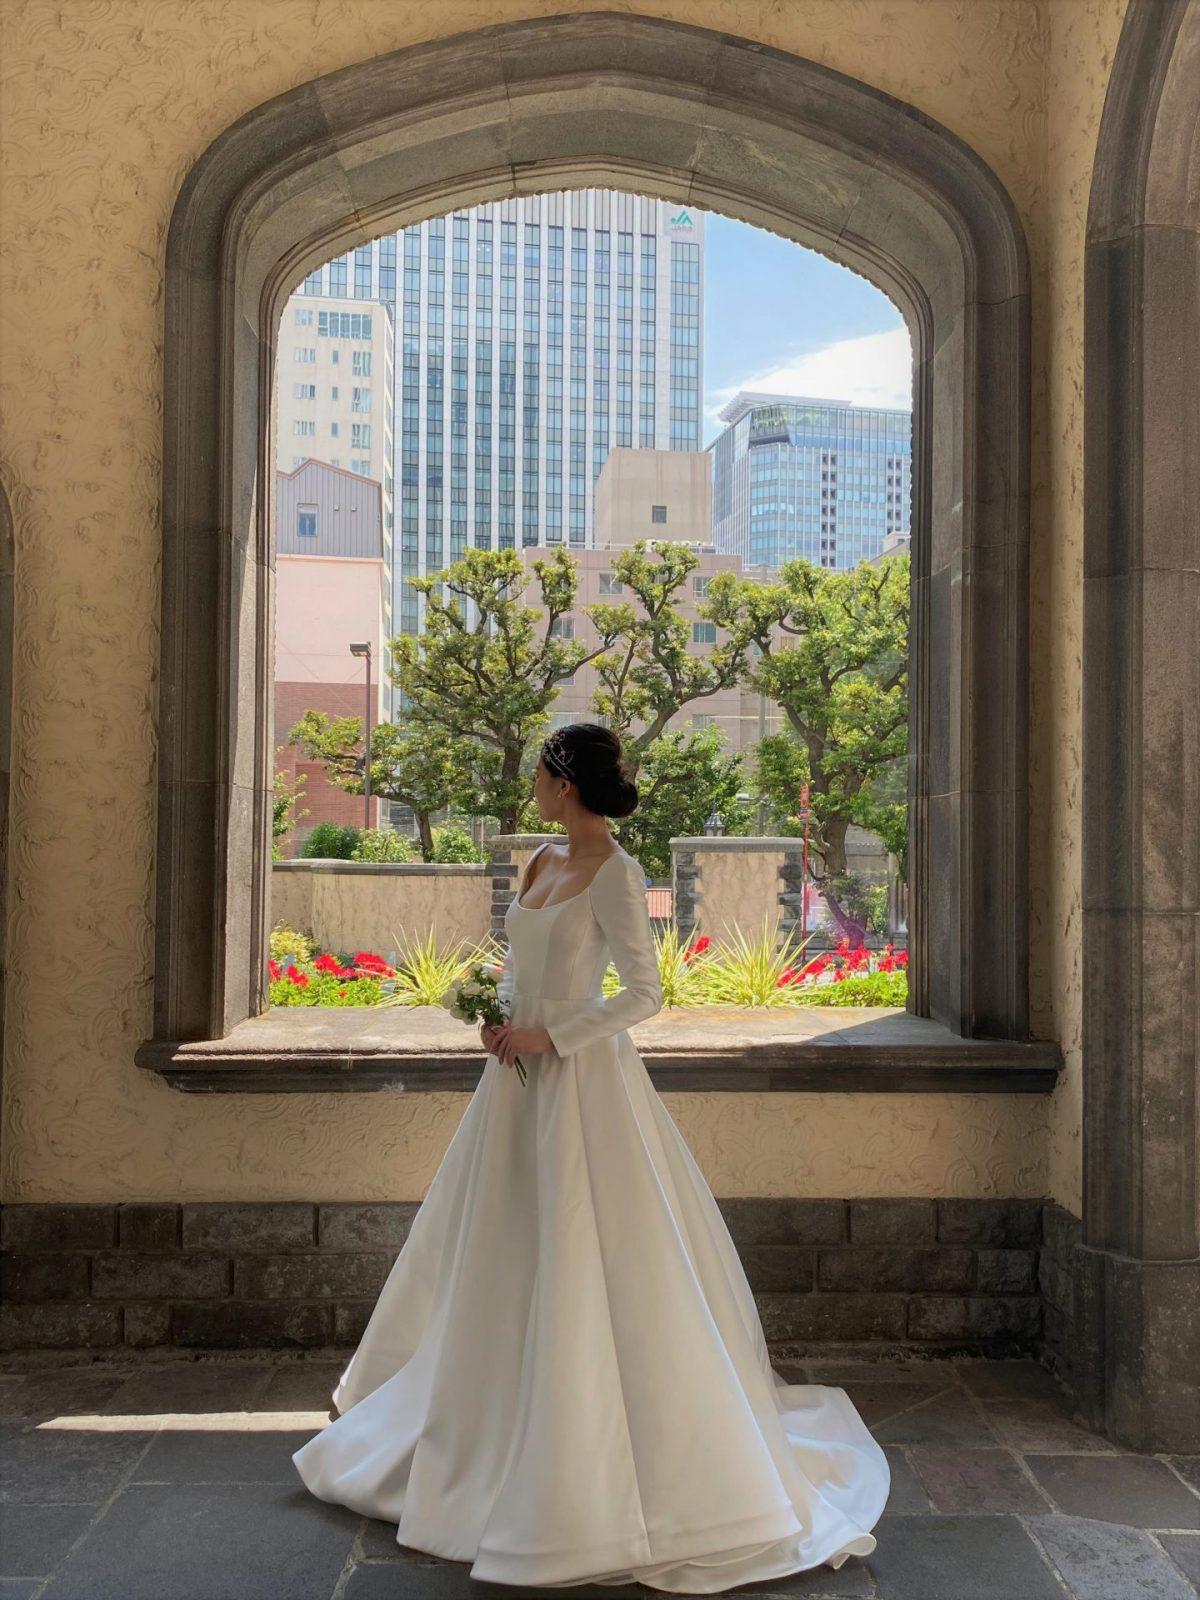 東京の都会の風景と有形文化財の赤坂プリンスクラシックハウスの趣ある建物に、ザ・トリート・ドレッシング アディション店のリームアクラの純白なウェディングドレスがとても映えます